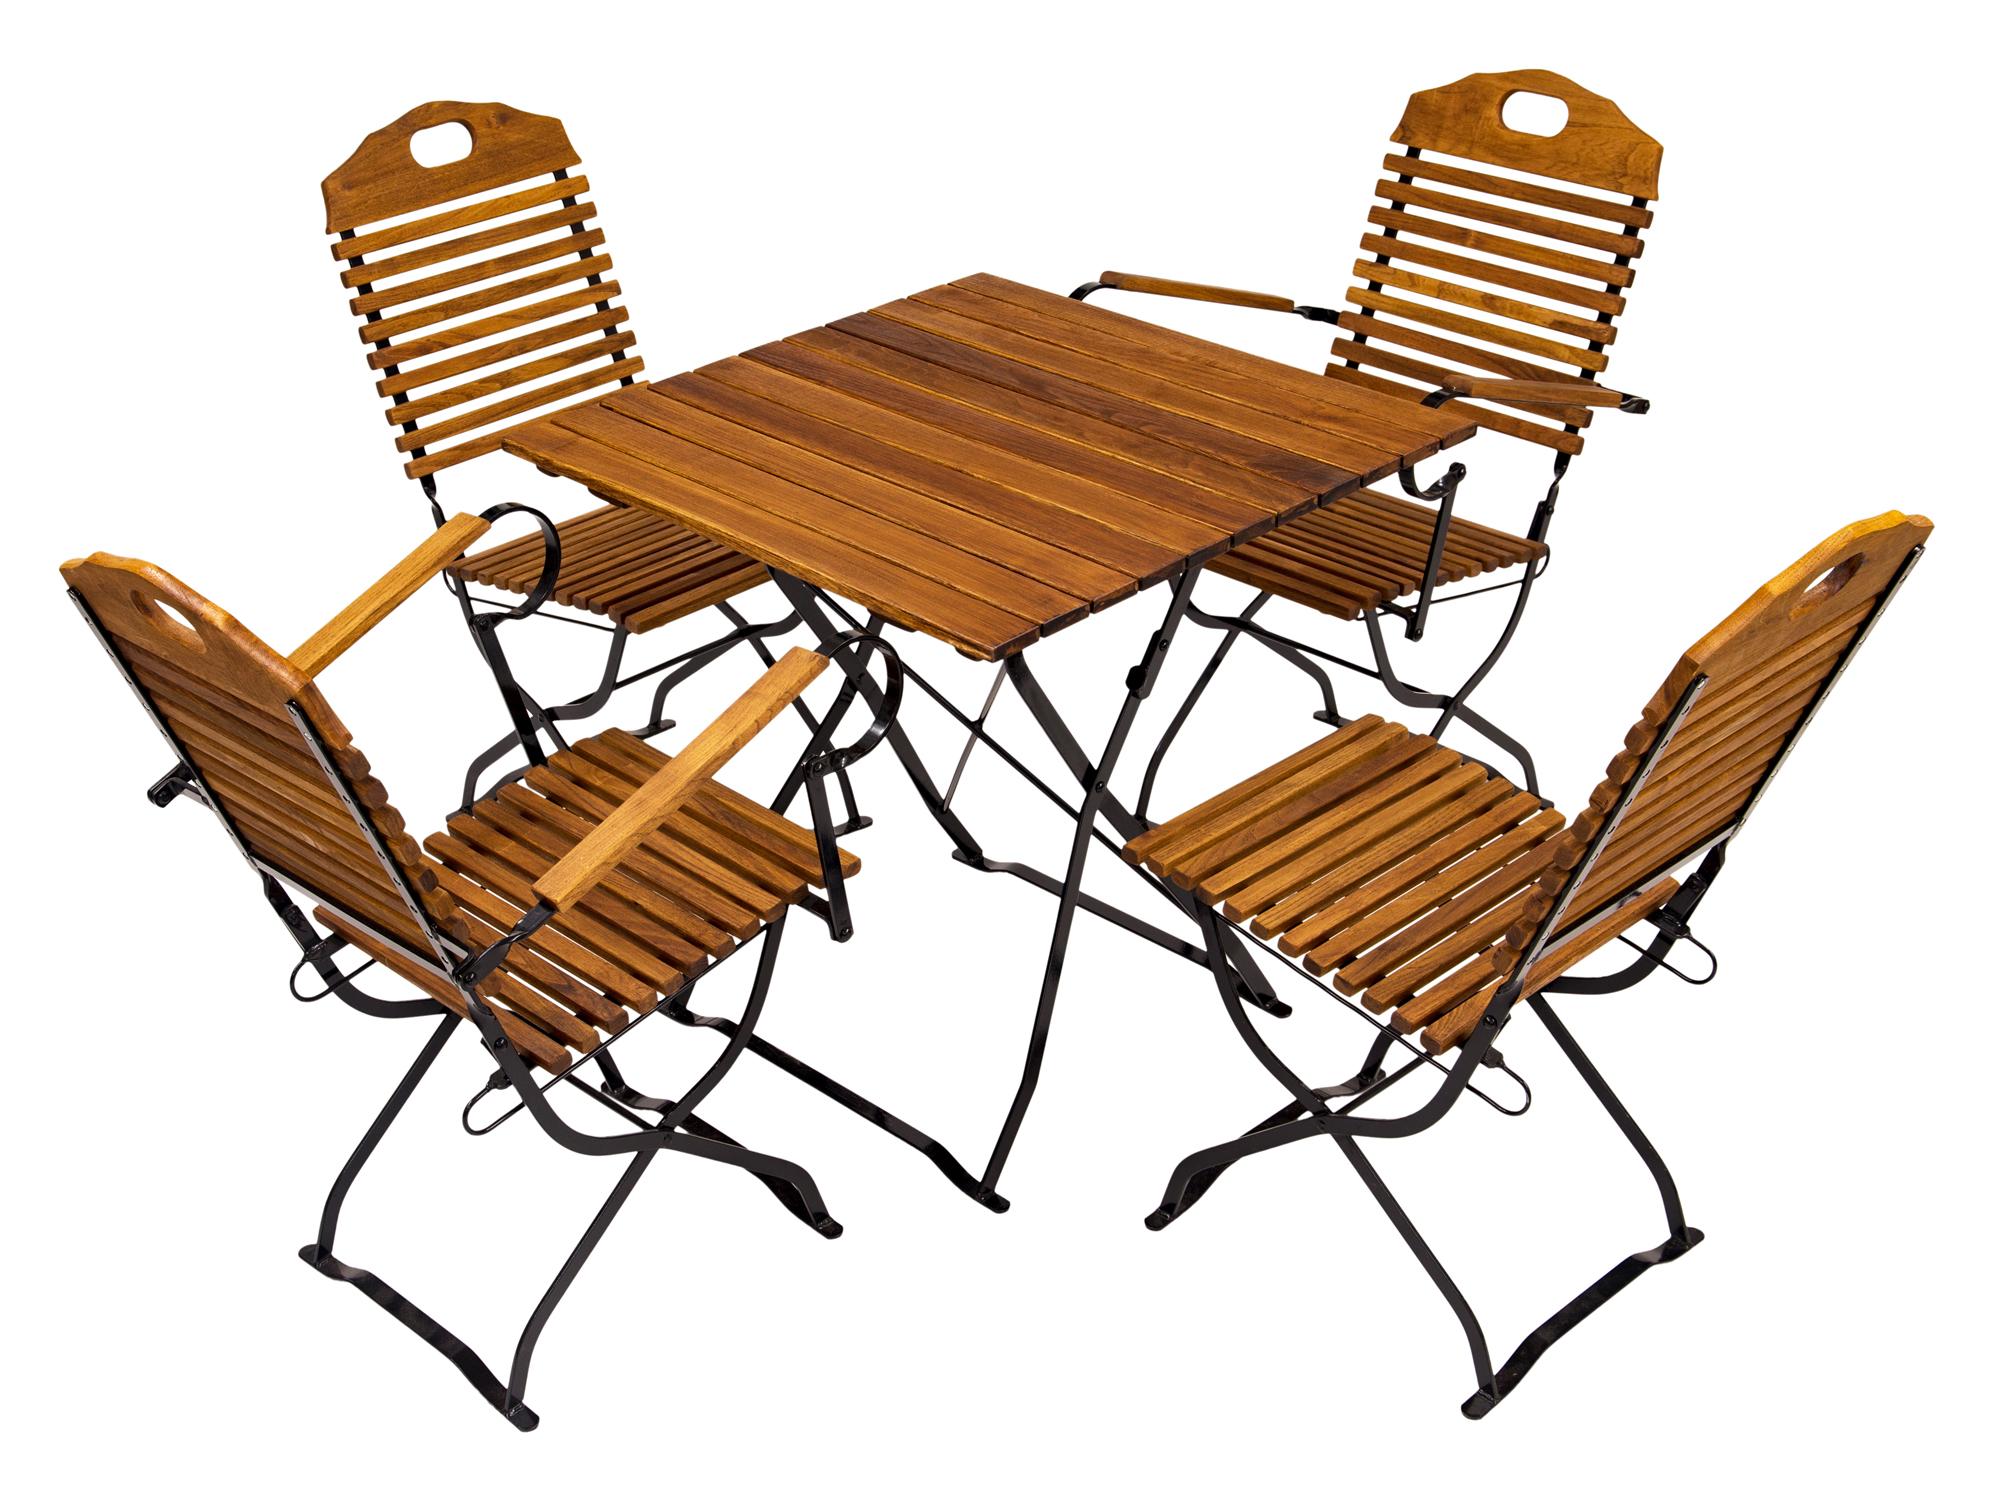 meubles de jardin: chaise avec des coleurs diffrents